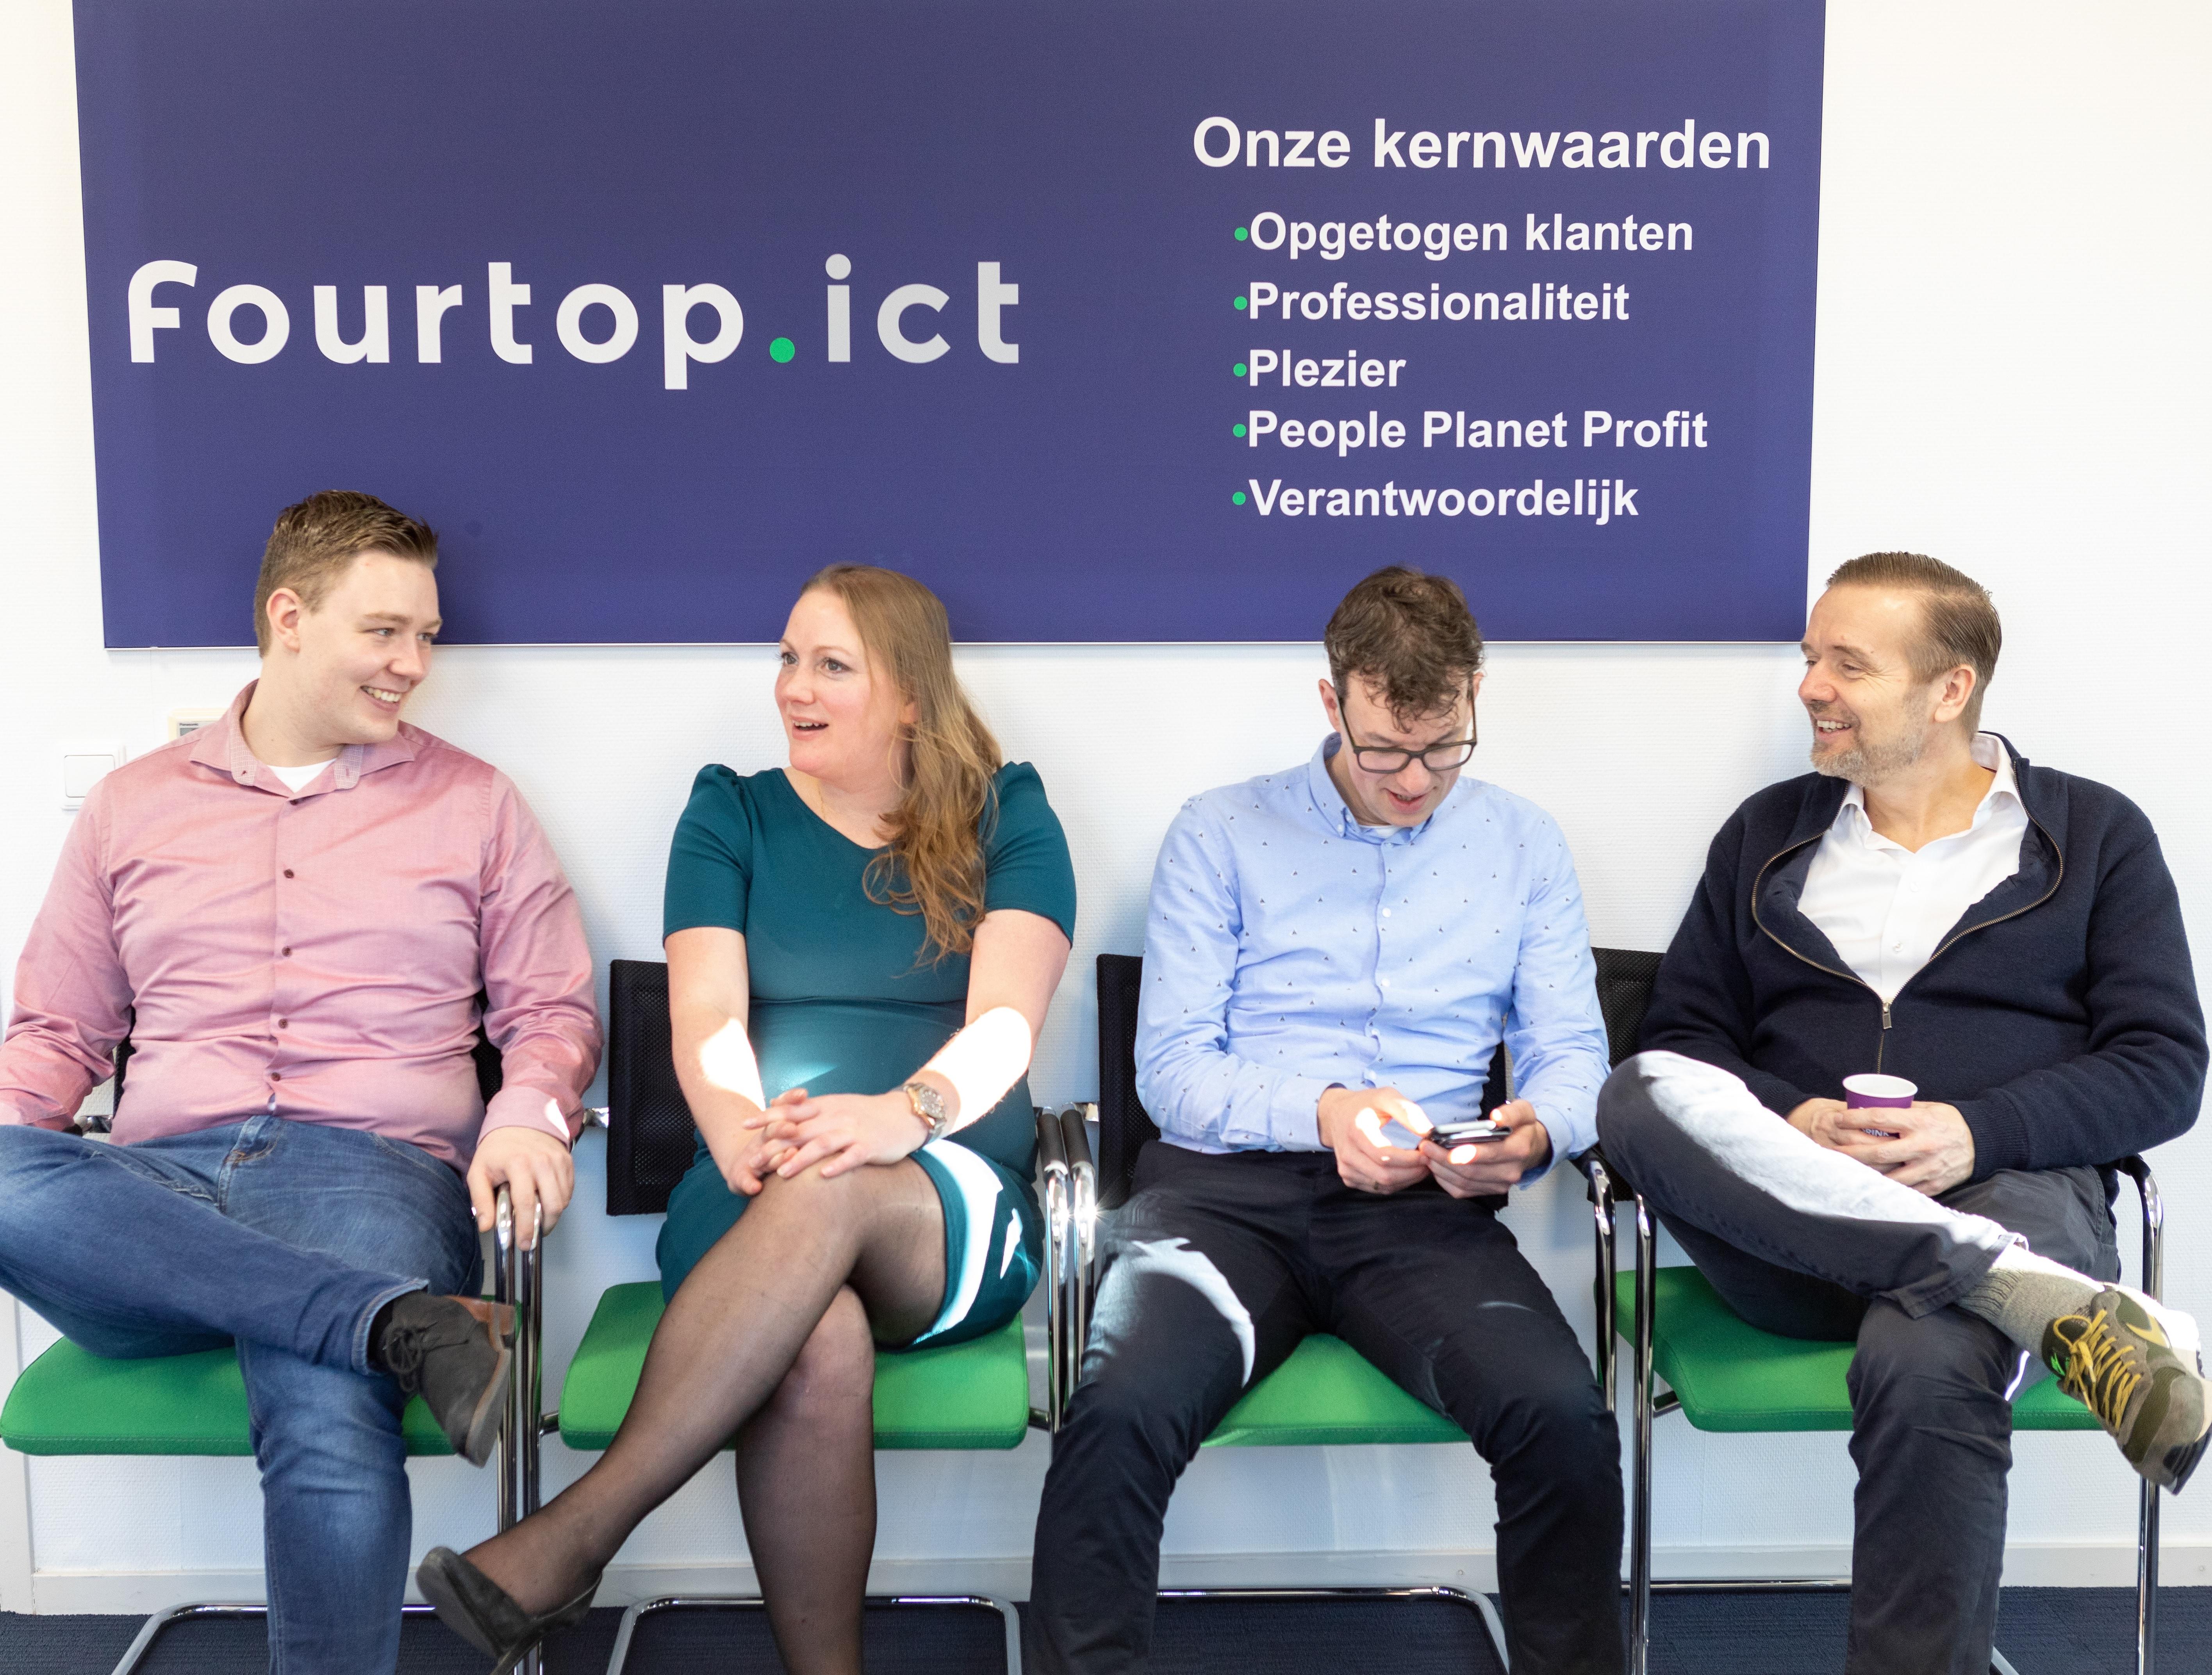 Fourtop kernwaarden | Fourtop ICT